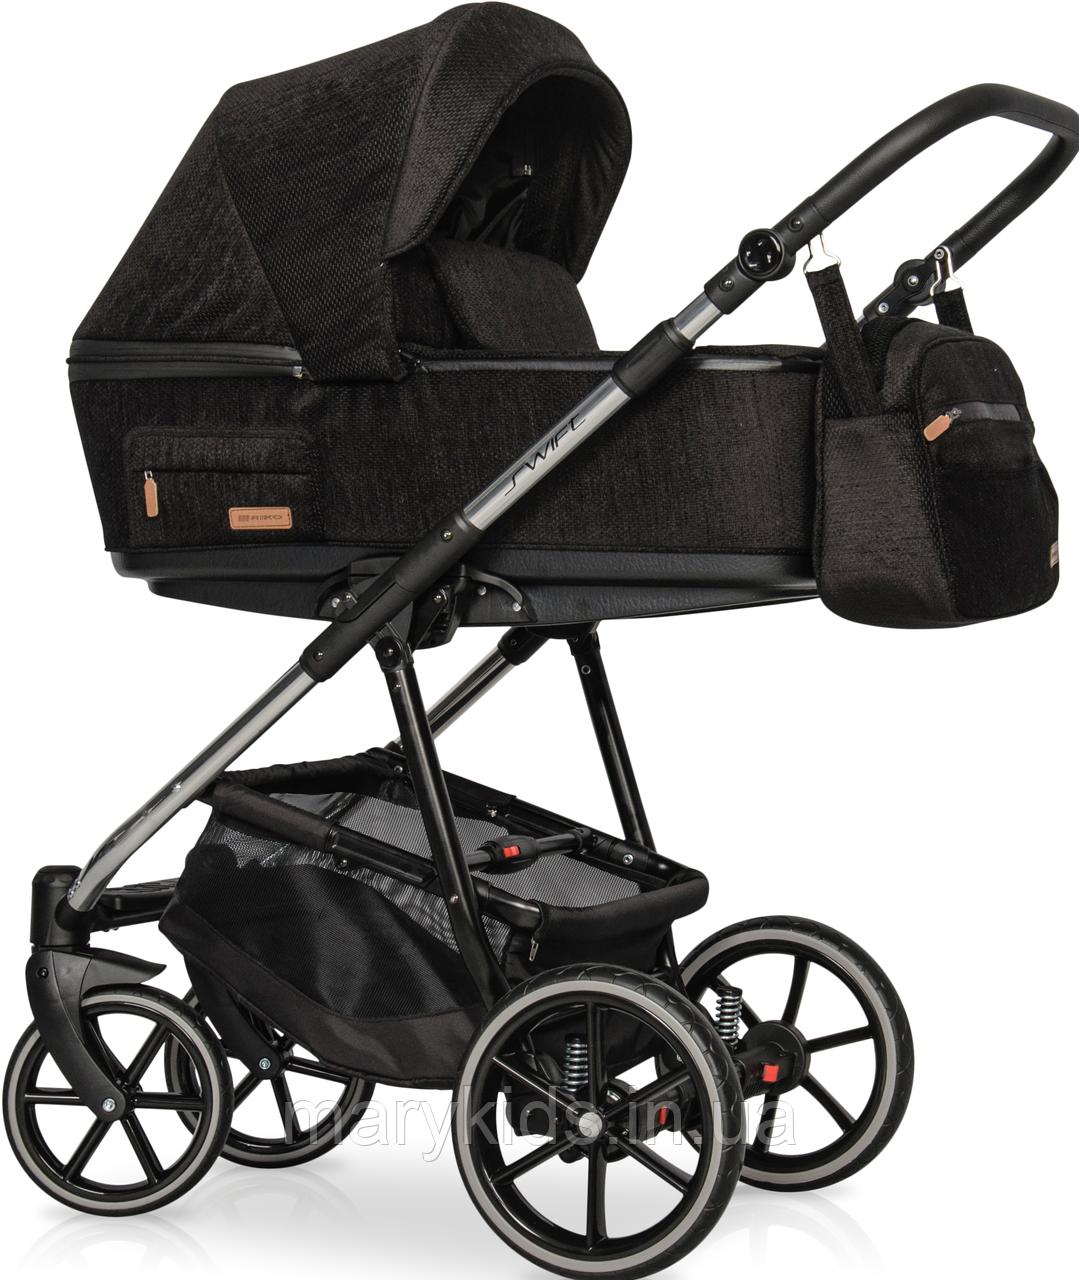 Дитяча універсальна коляска 3 в 1 Riko Swift Premium 13 Carbon